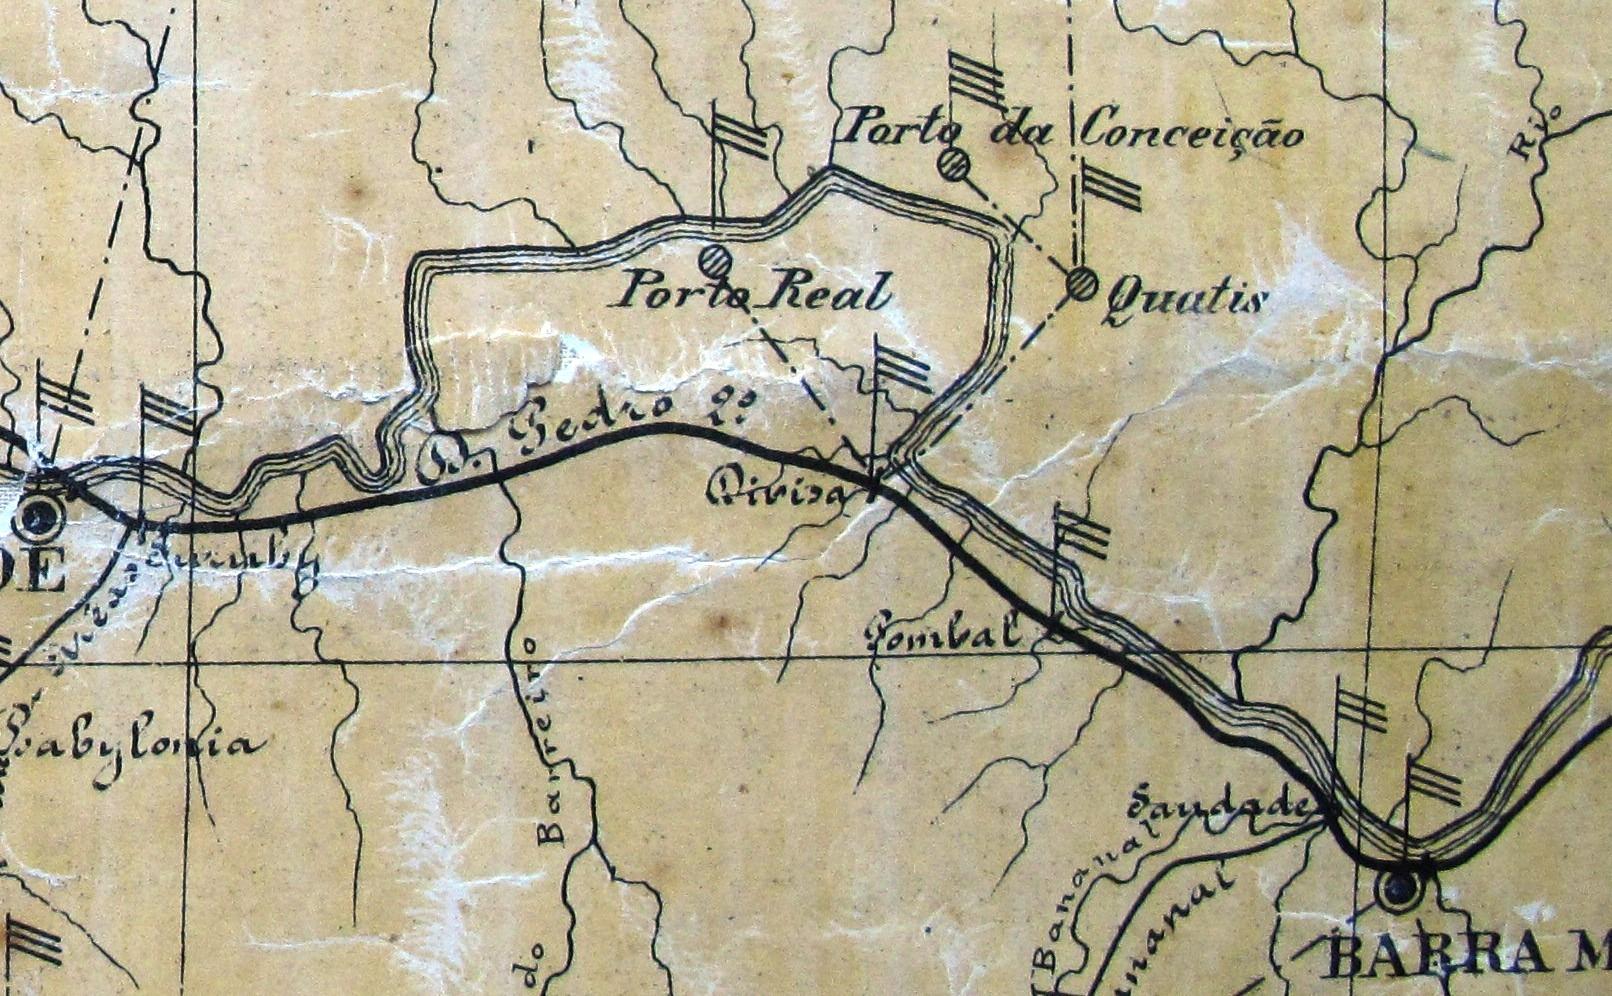 quatis-mapa-postal-1888